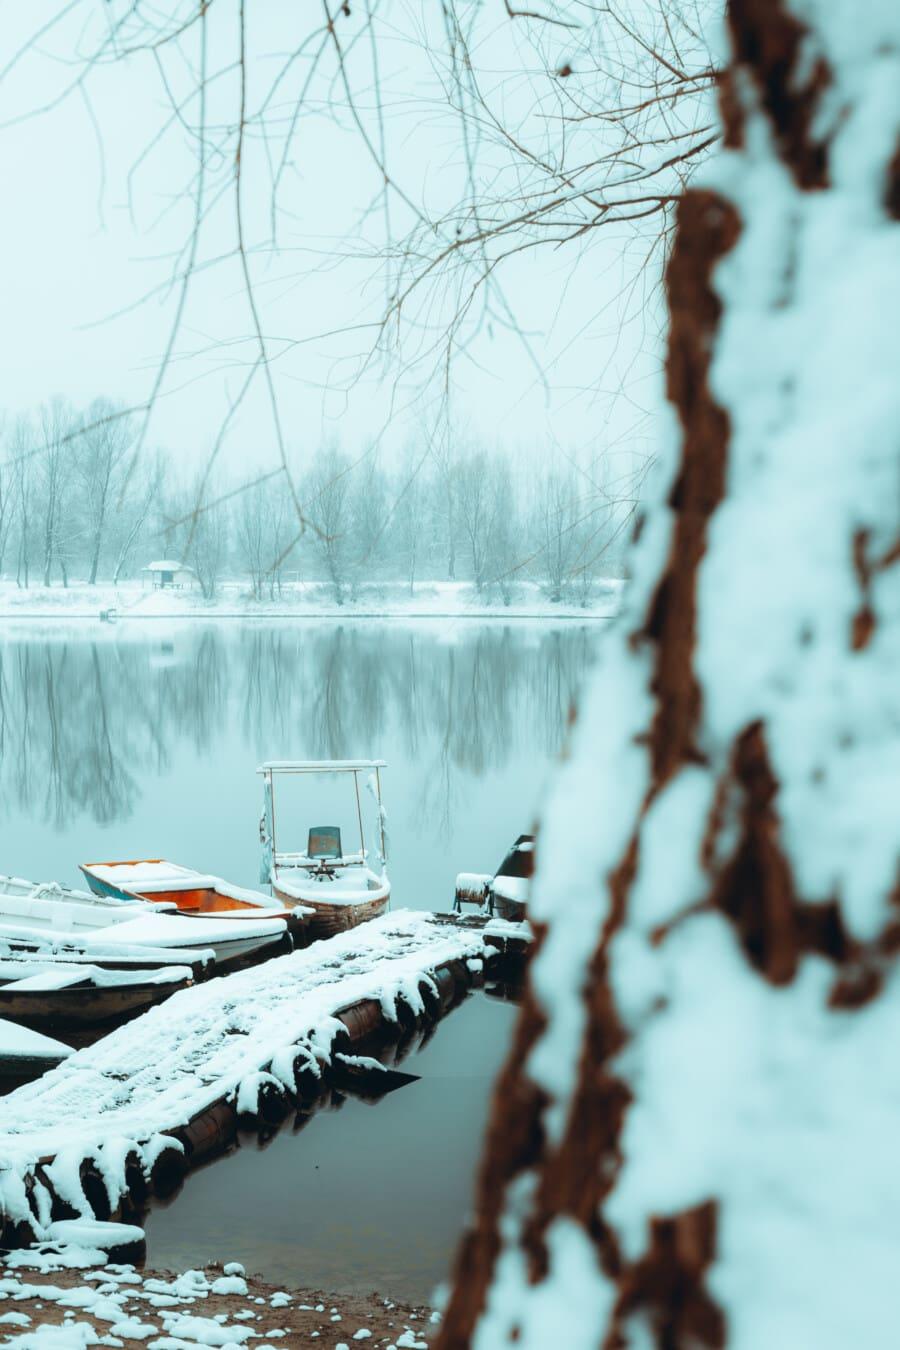 neigeux, Hiver, port, Lac, au bord du lac, bateau à moteur, arbre, branches, neige, barrage